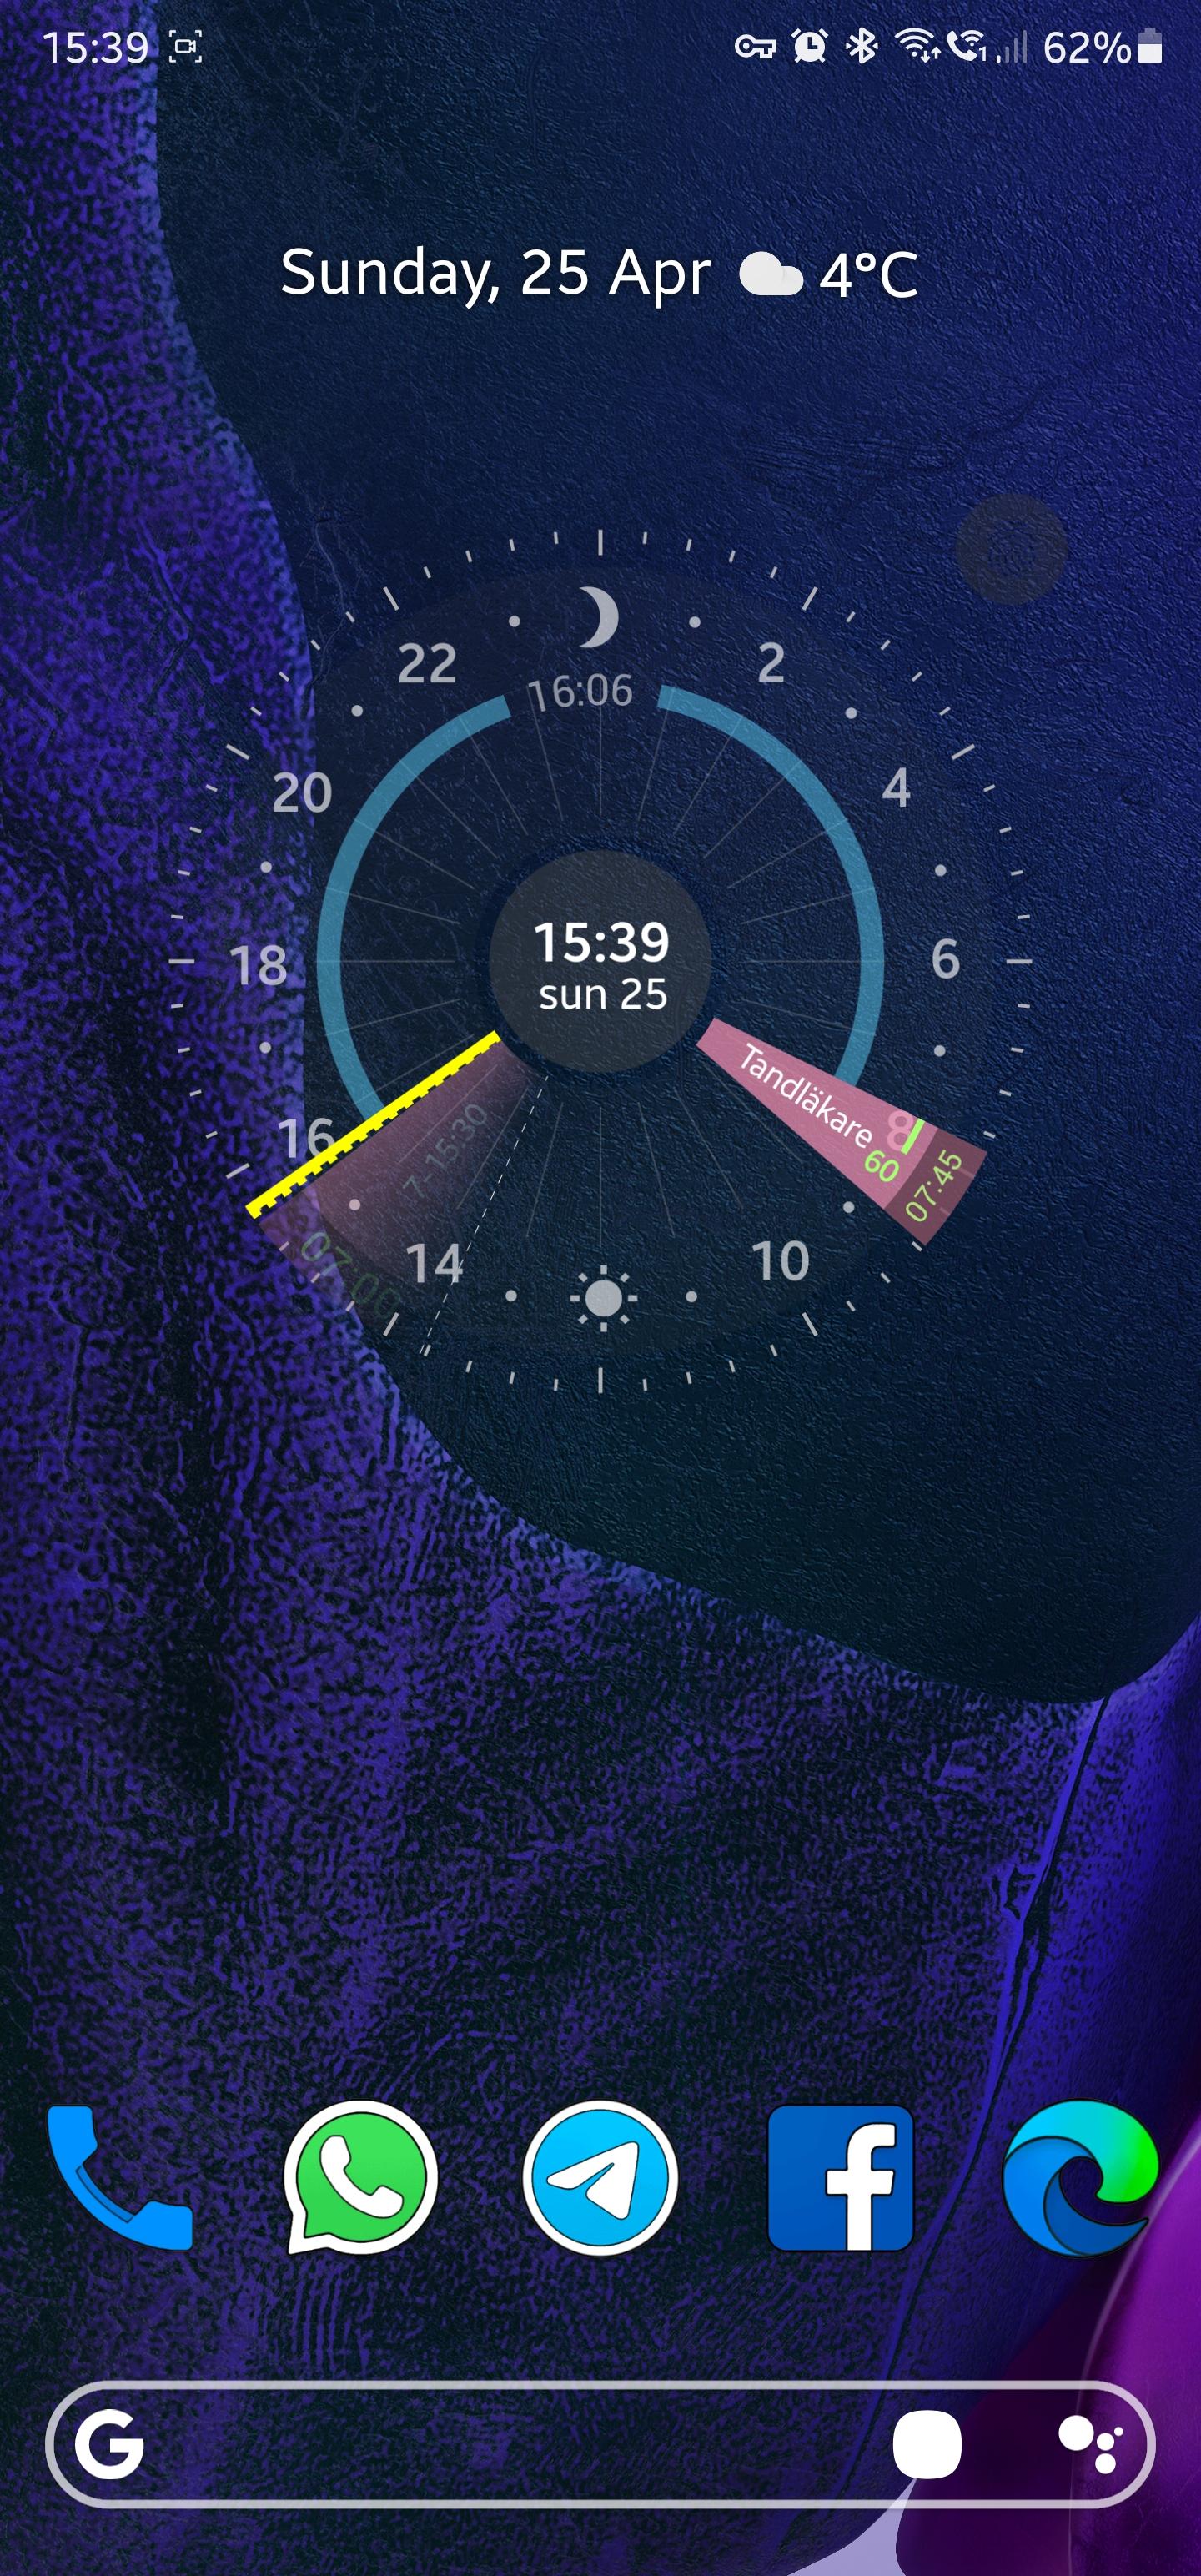 Screenshot_20210425-153956_Nova7.jpg